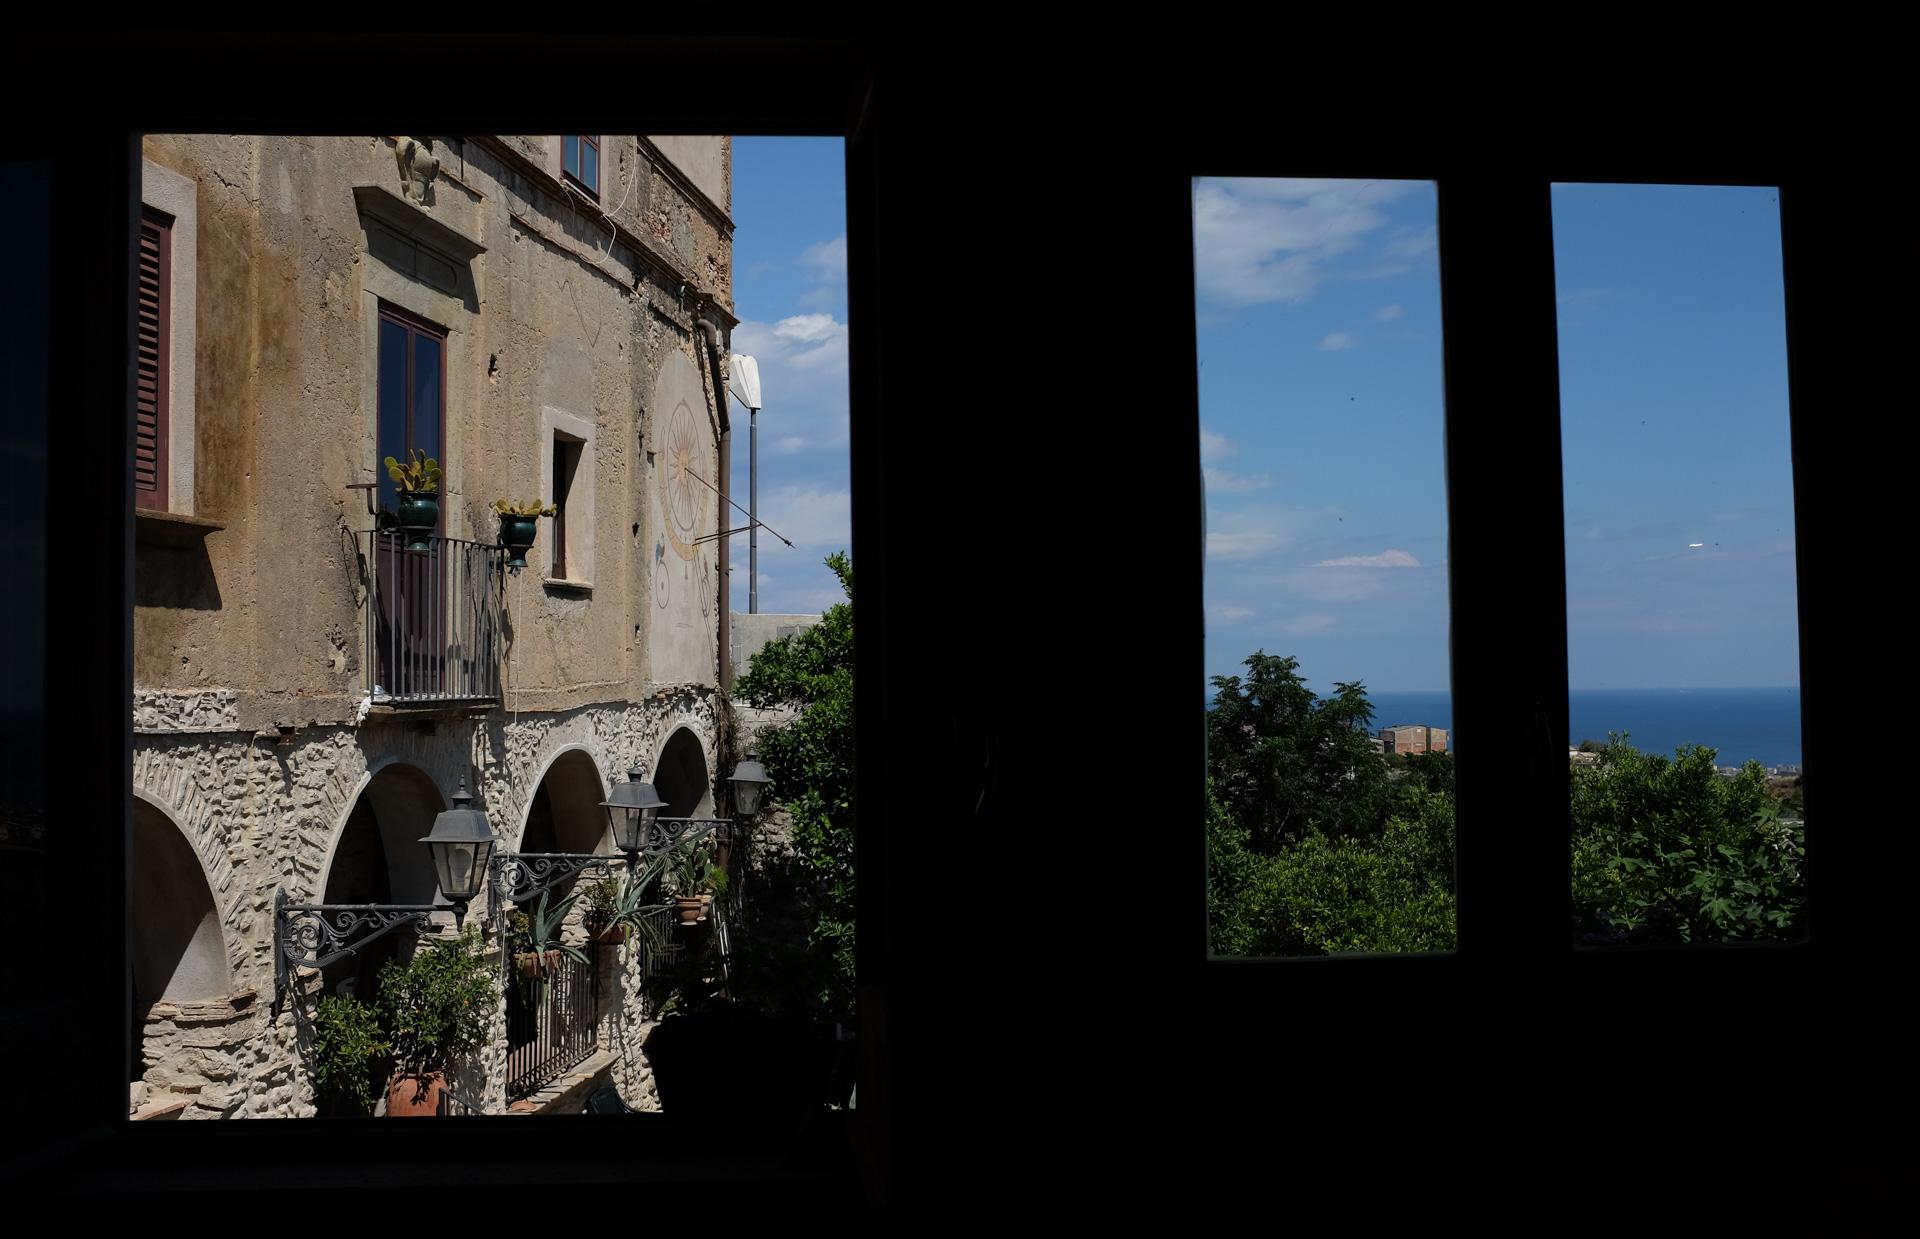 Ikkunanäkymä merelle